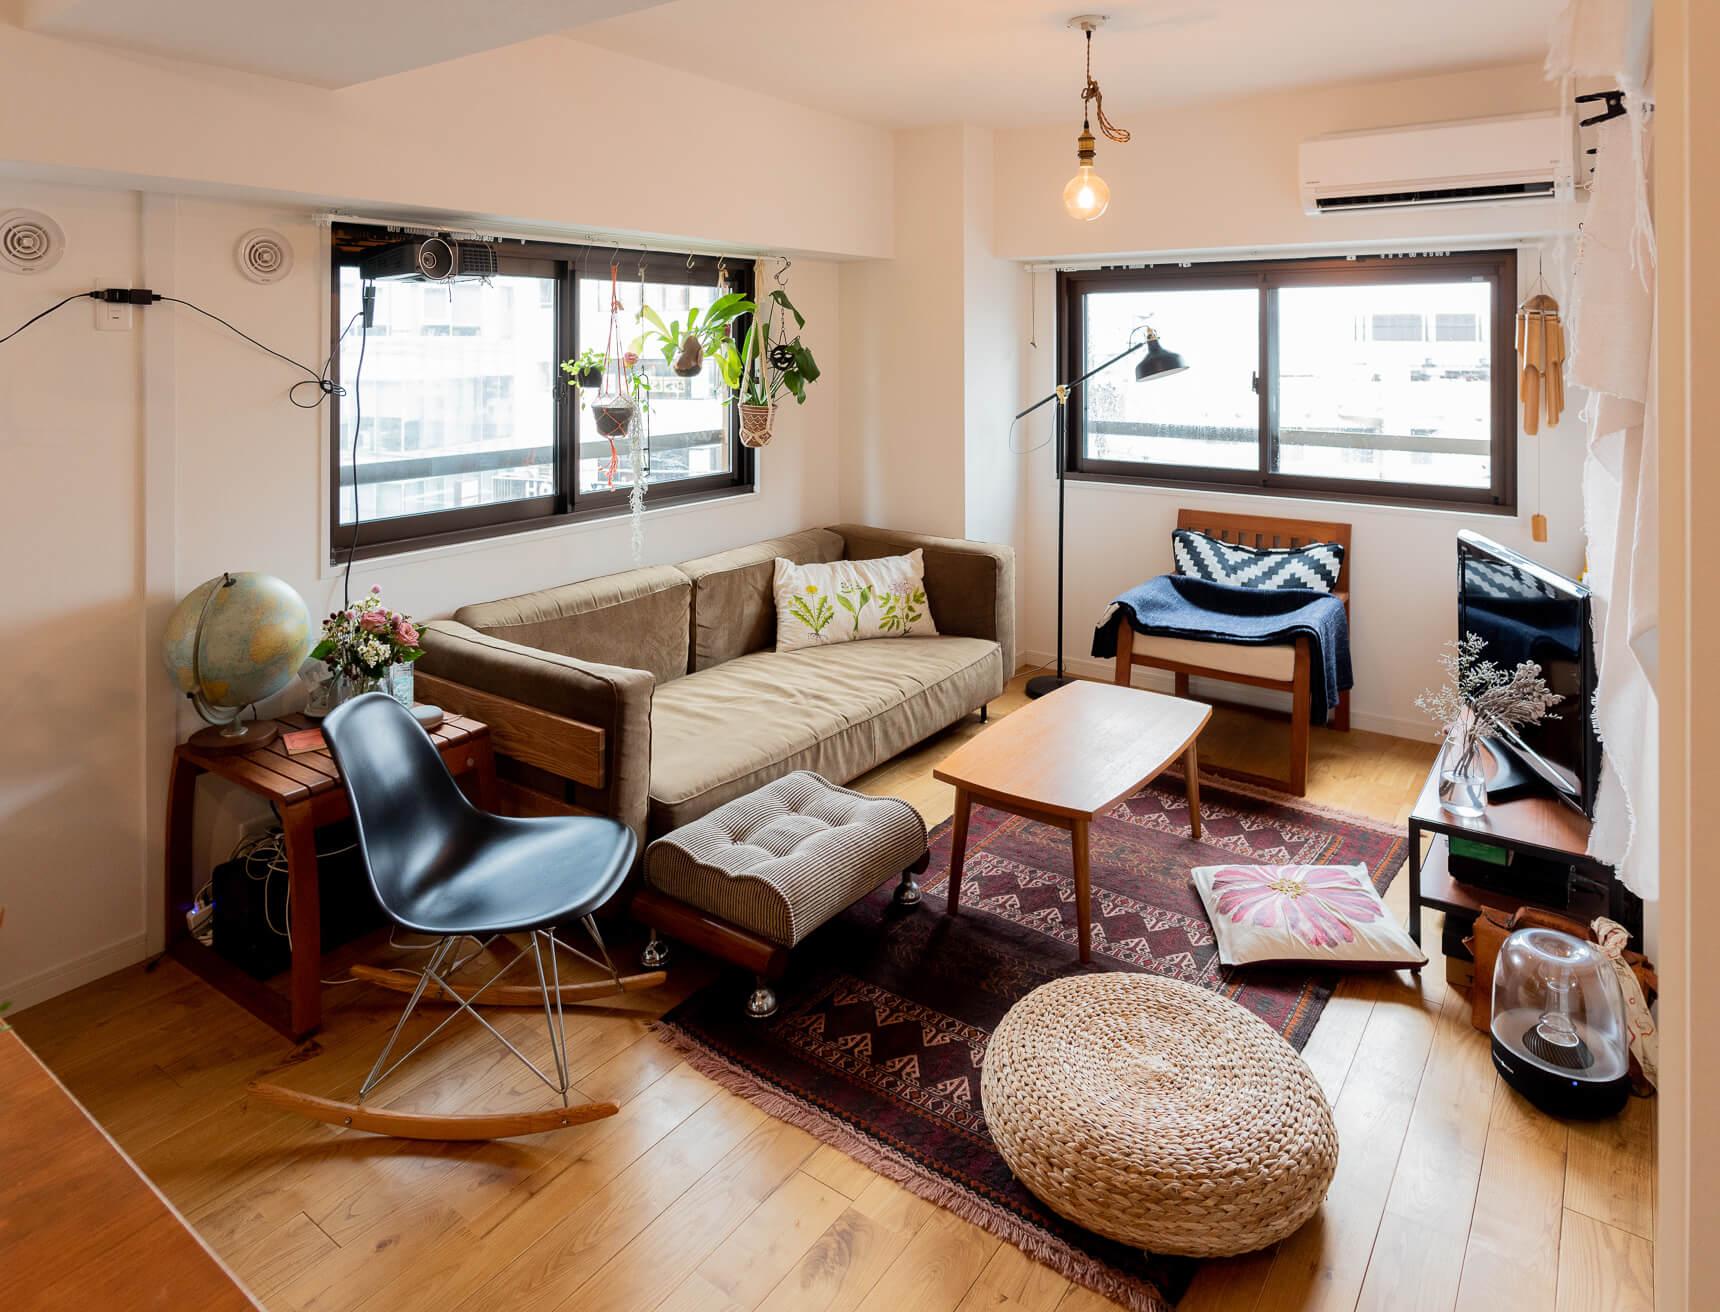 白い天井と壁に対して、全体的に濃いめの色の家具がうまく部屋を引き締めている。シック。